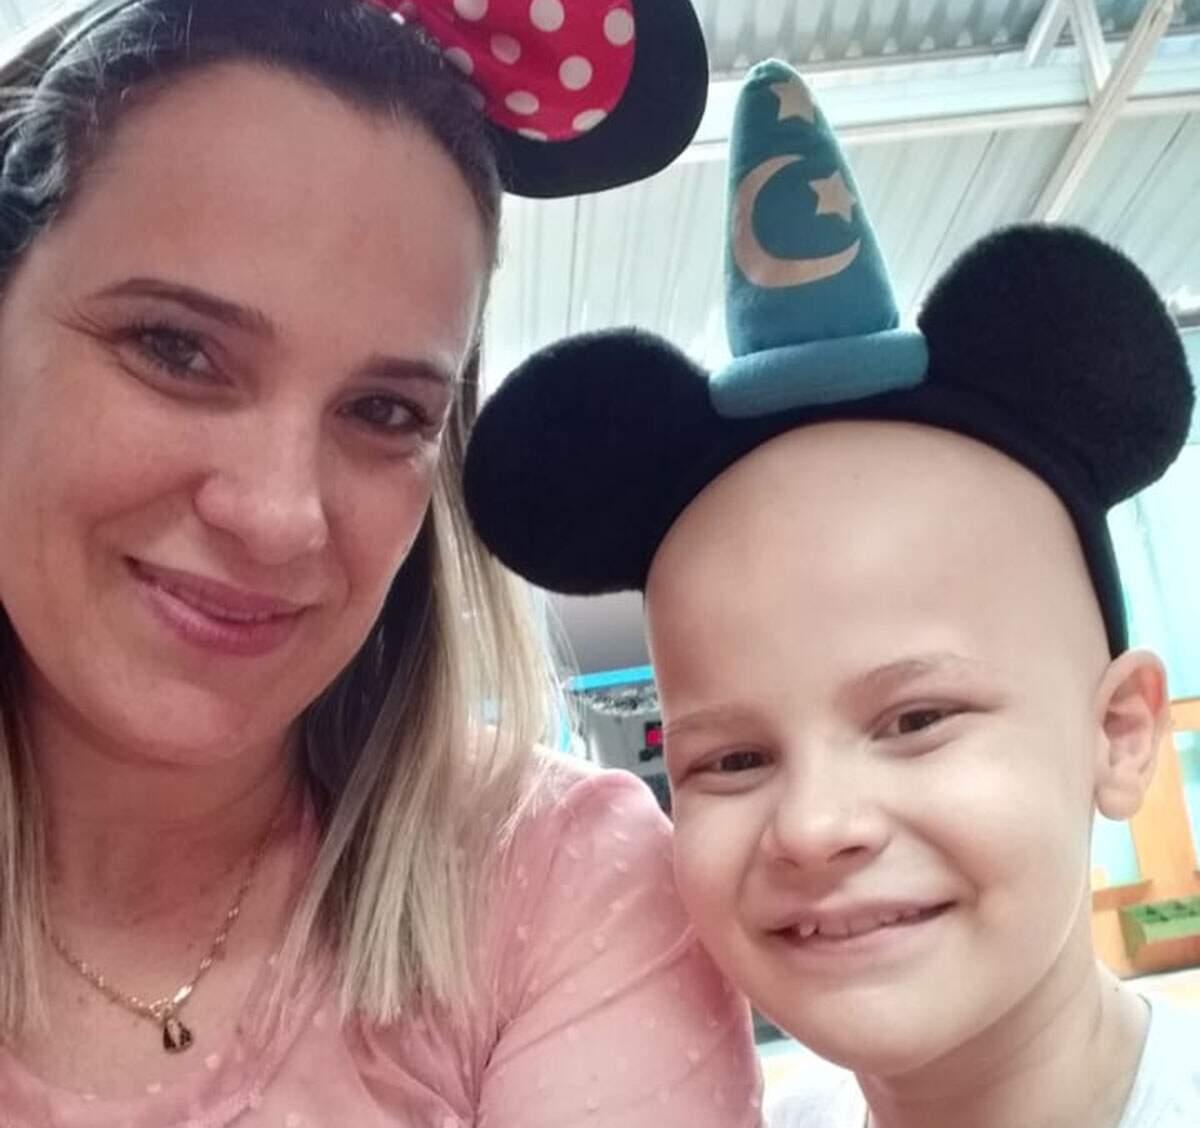 Dificuldades na quarentena são 'comuns' a familiares de crianças com câncer